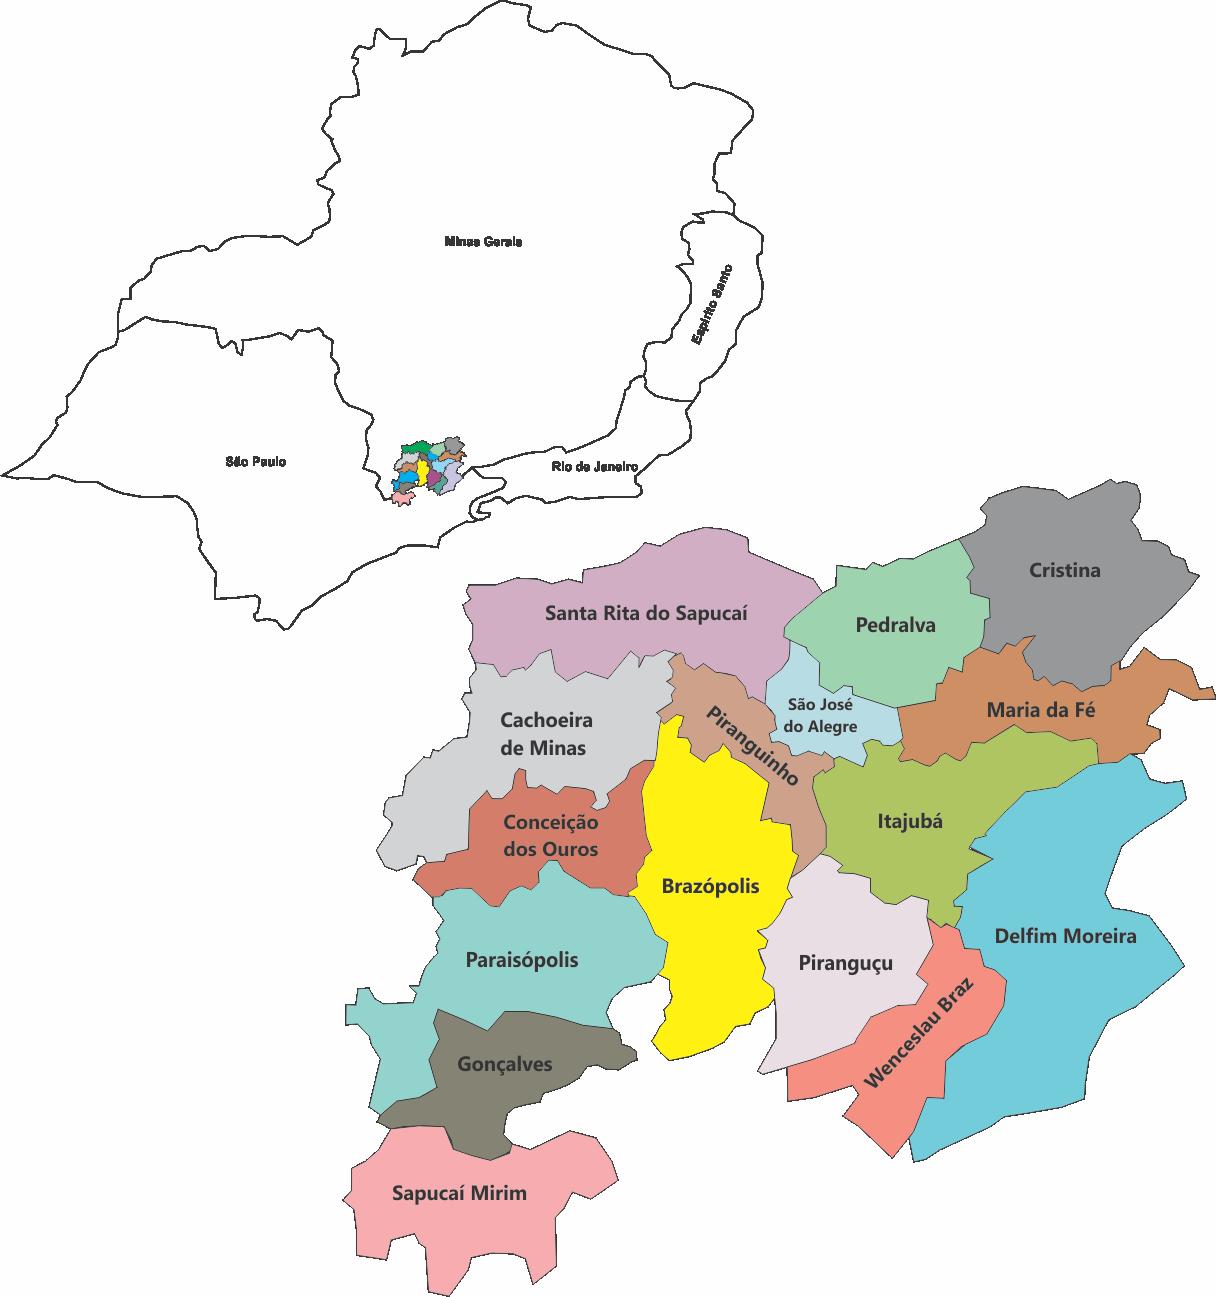 Mapa Cidades atendidas pelo Projeto